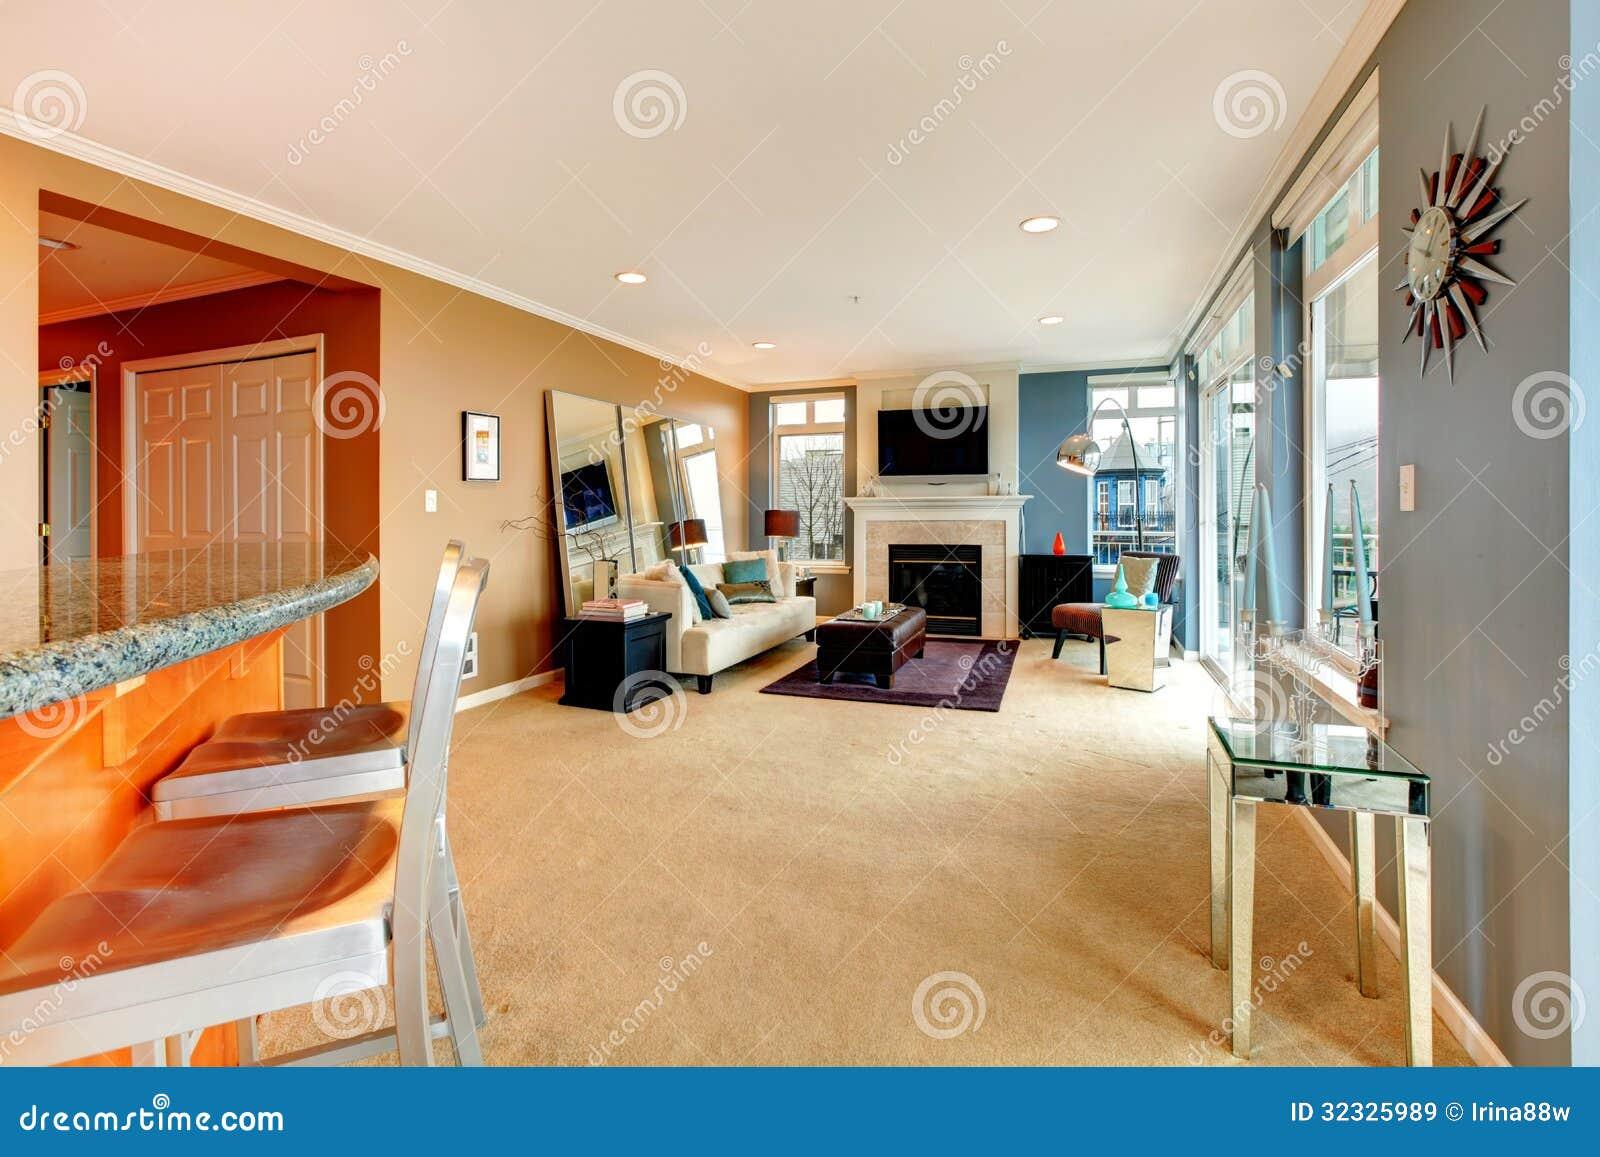 Grote open bochtenwoonkamer met open haard tv en modern meubilair royalty vrije stock - Meubilair tv industrie ...